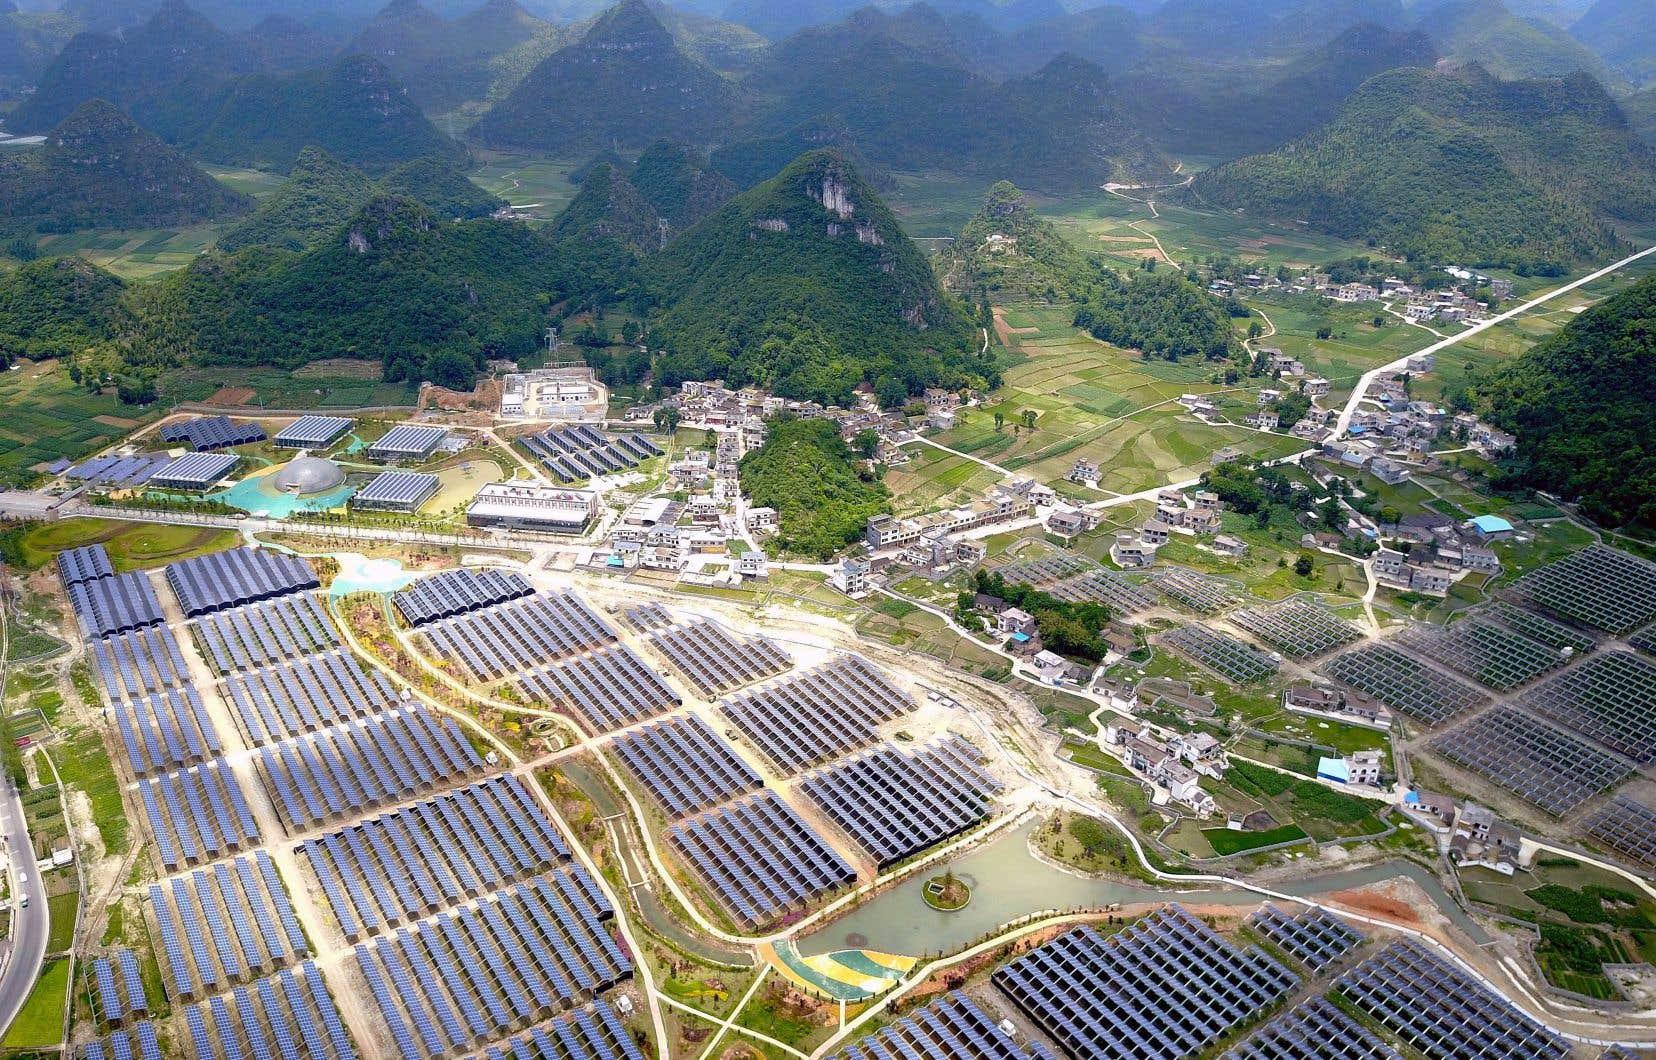 Des serres portant des panneaux solaires sur leurs toits, dans un village de la province de Guizhou. Depuis 2014, la Chine a réorienté son économie et ses modes de consommation vers les énergies non fossiles.